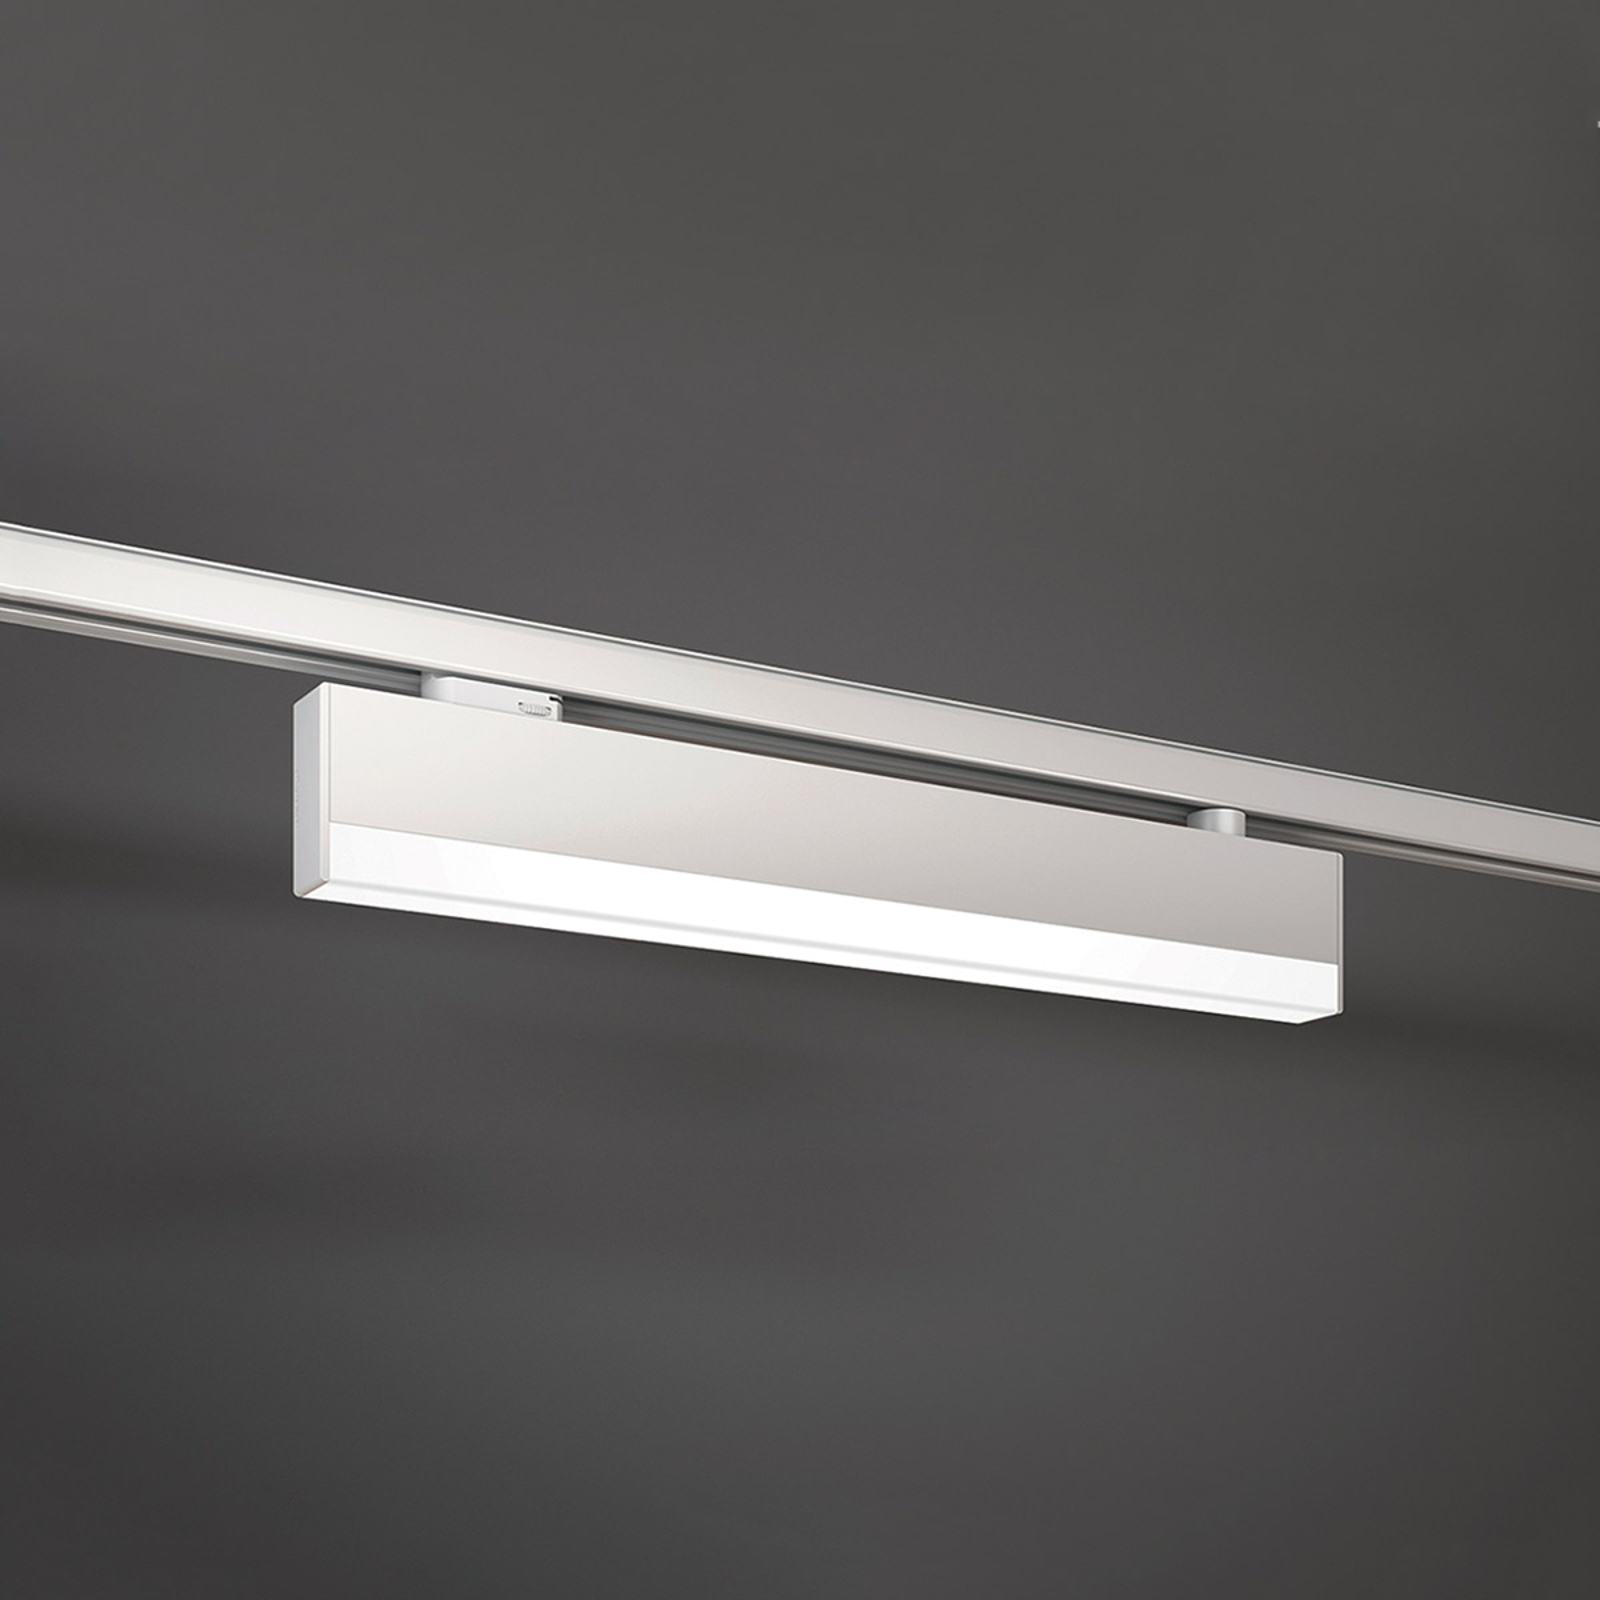 Lampe LED pour rail électrique triphasé, blanc